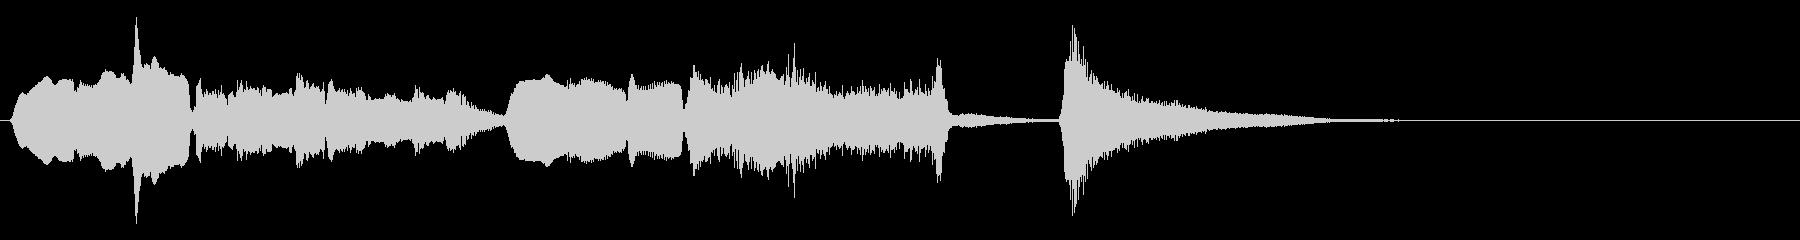 【生演奏】アコーディオンジングル02の未再生の波形